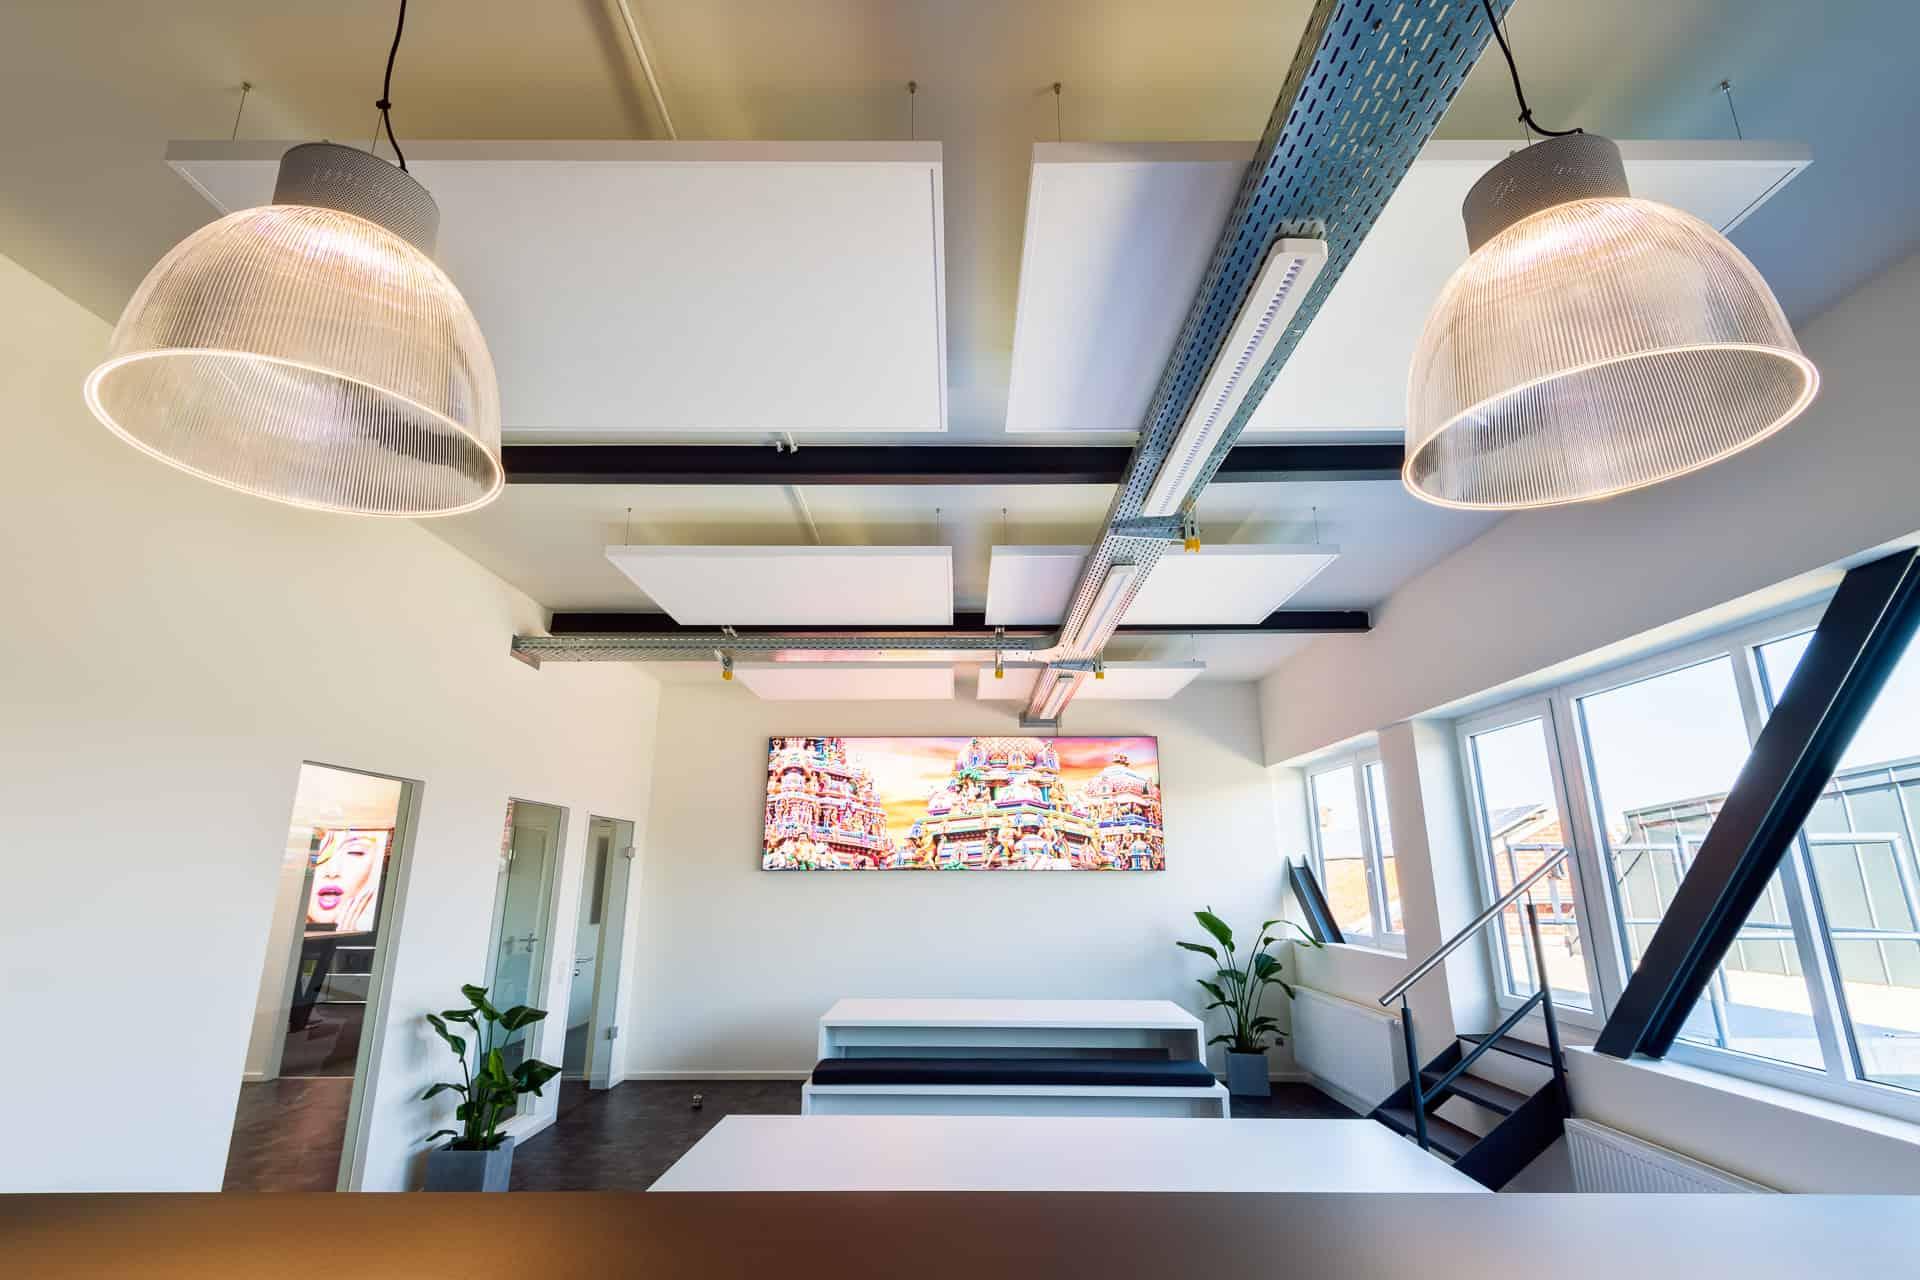 Bild von einer Decke mit objectiv AluFrame Smart Deckenpaneelen zur Verbesserung der Akustik